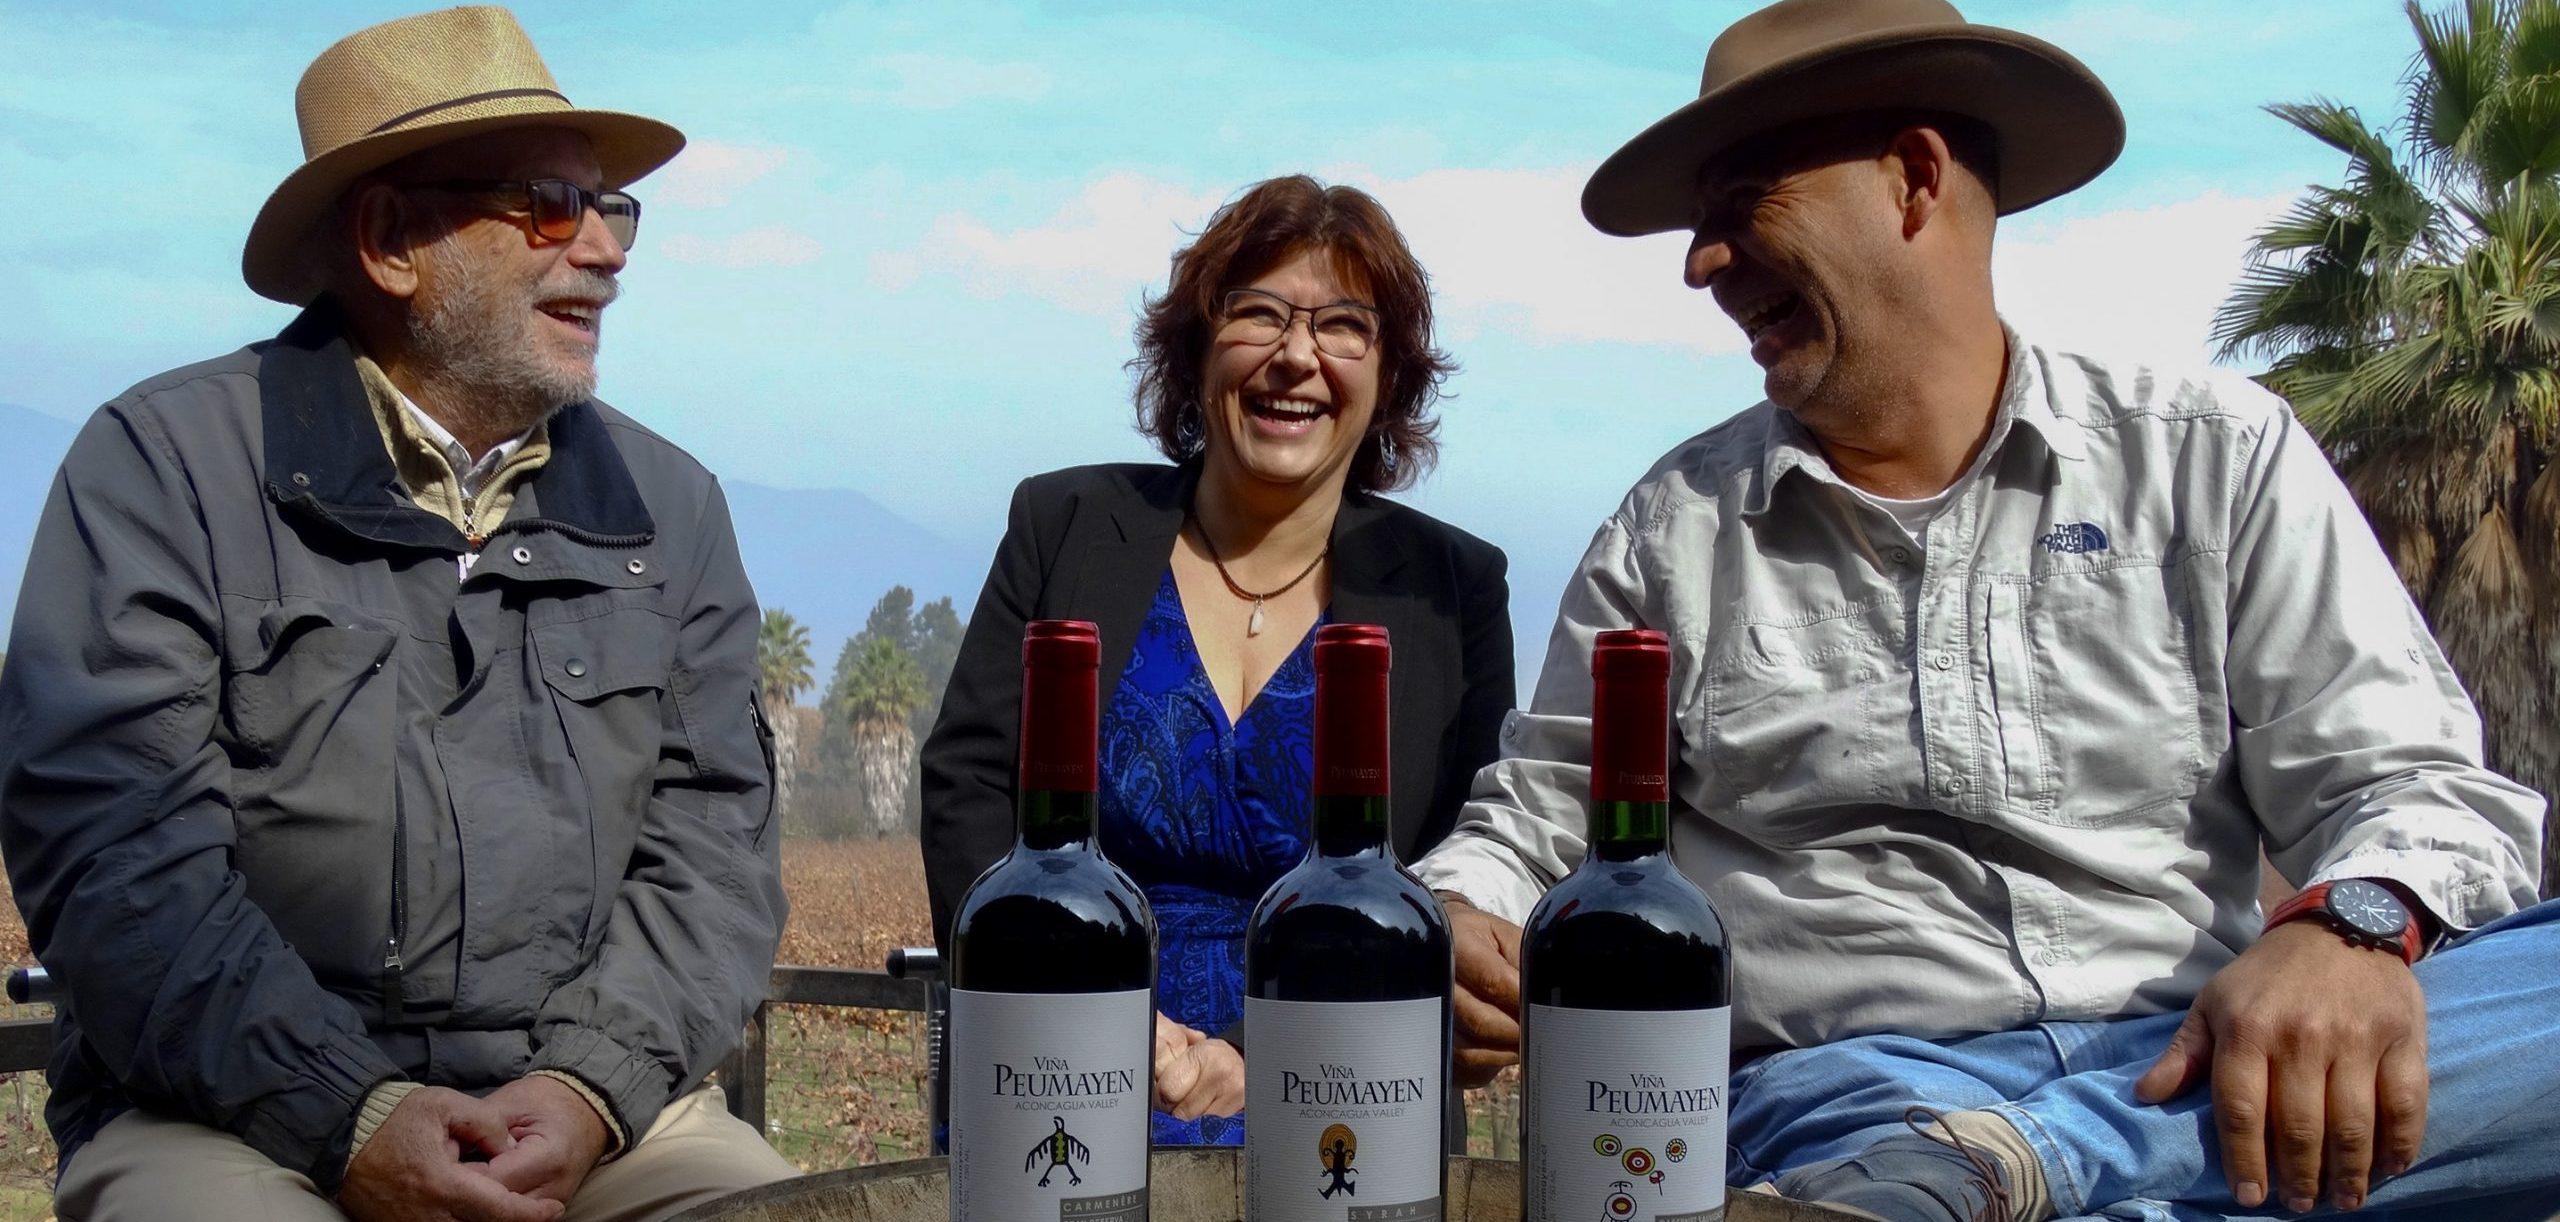 Viña y bodega Peumayen: El lugar soñado del Valle del Aconcagua, en la comuna de Panquehue